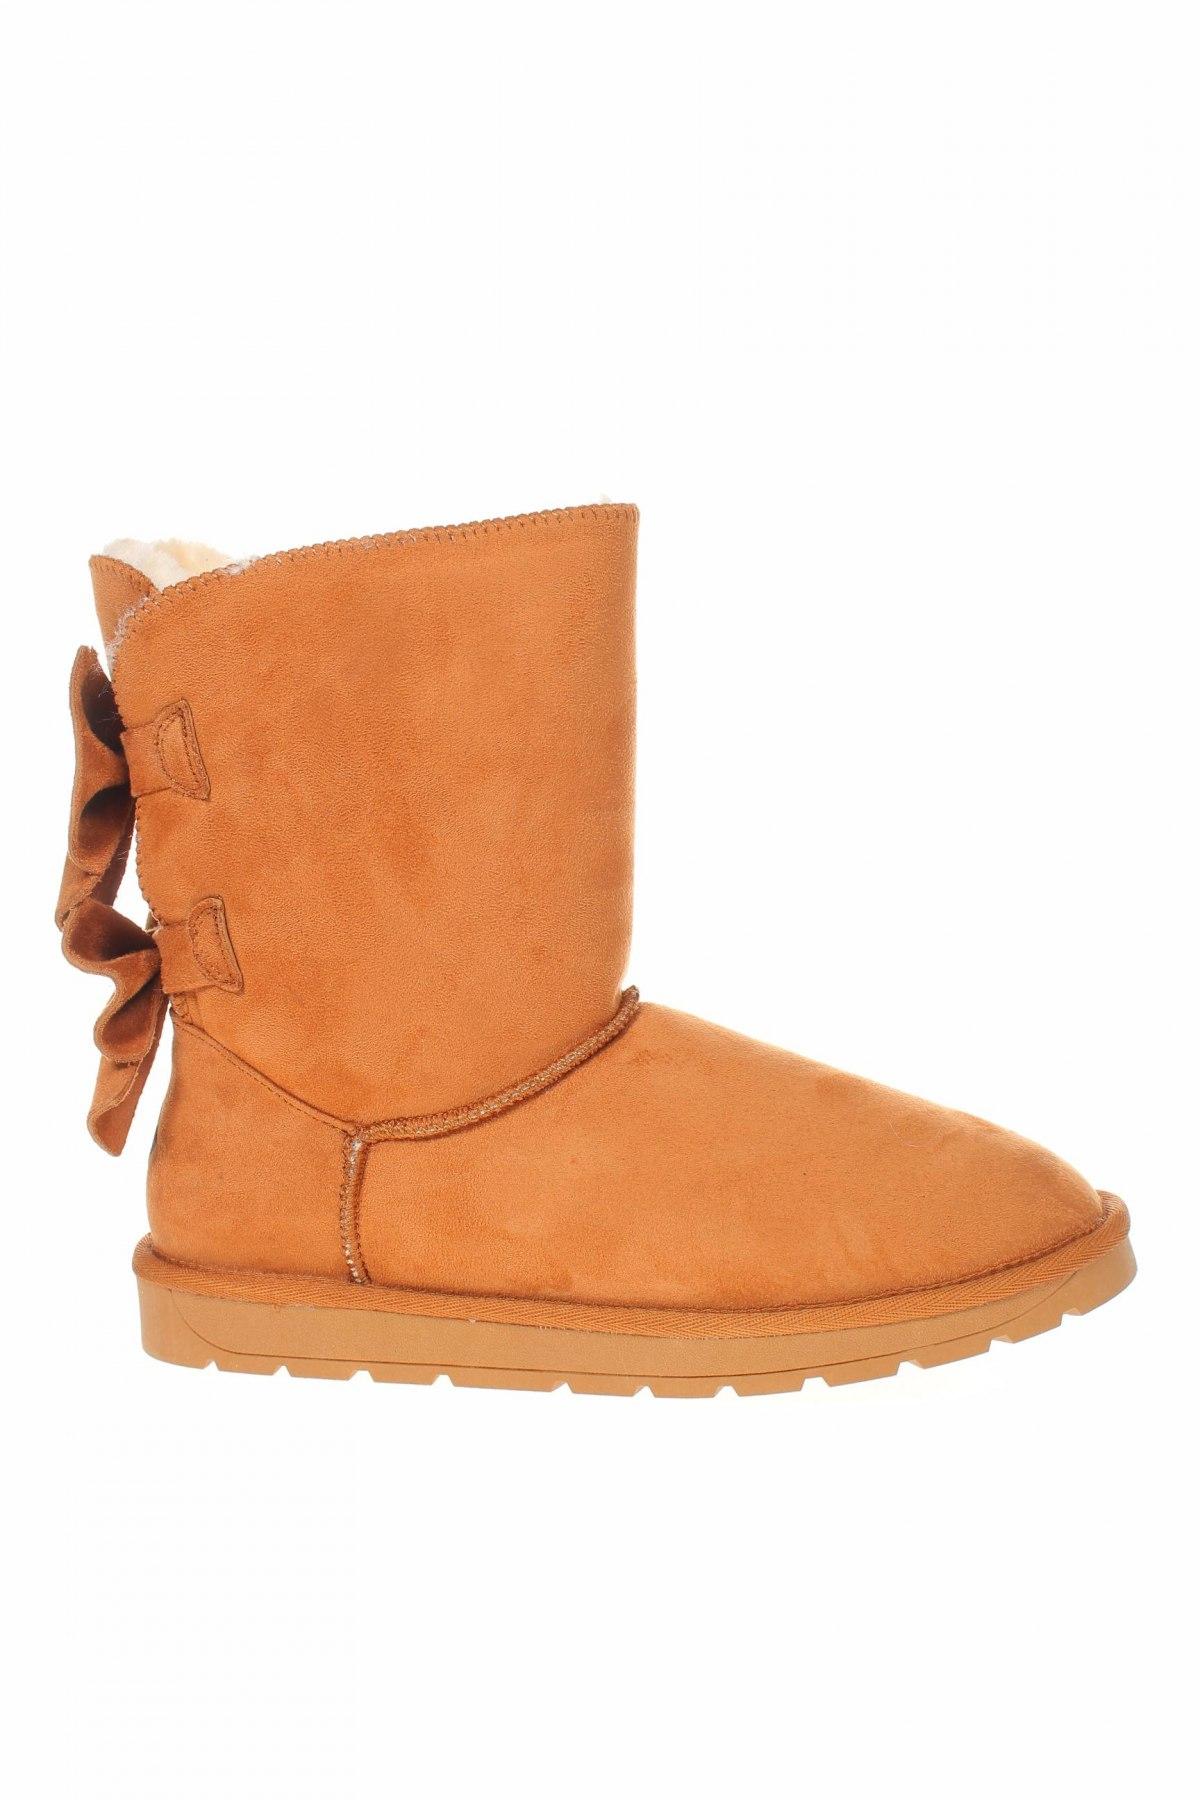 Γυναικείες μπότες Island Boot, Μέγεθος 40, Χρώμα  Μπέζ, Κλωστοϋφαντουργικά προϊόντα, Τιμή 65,33€